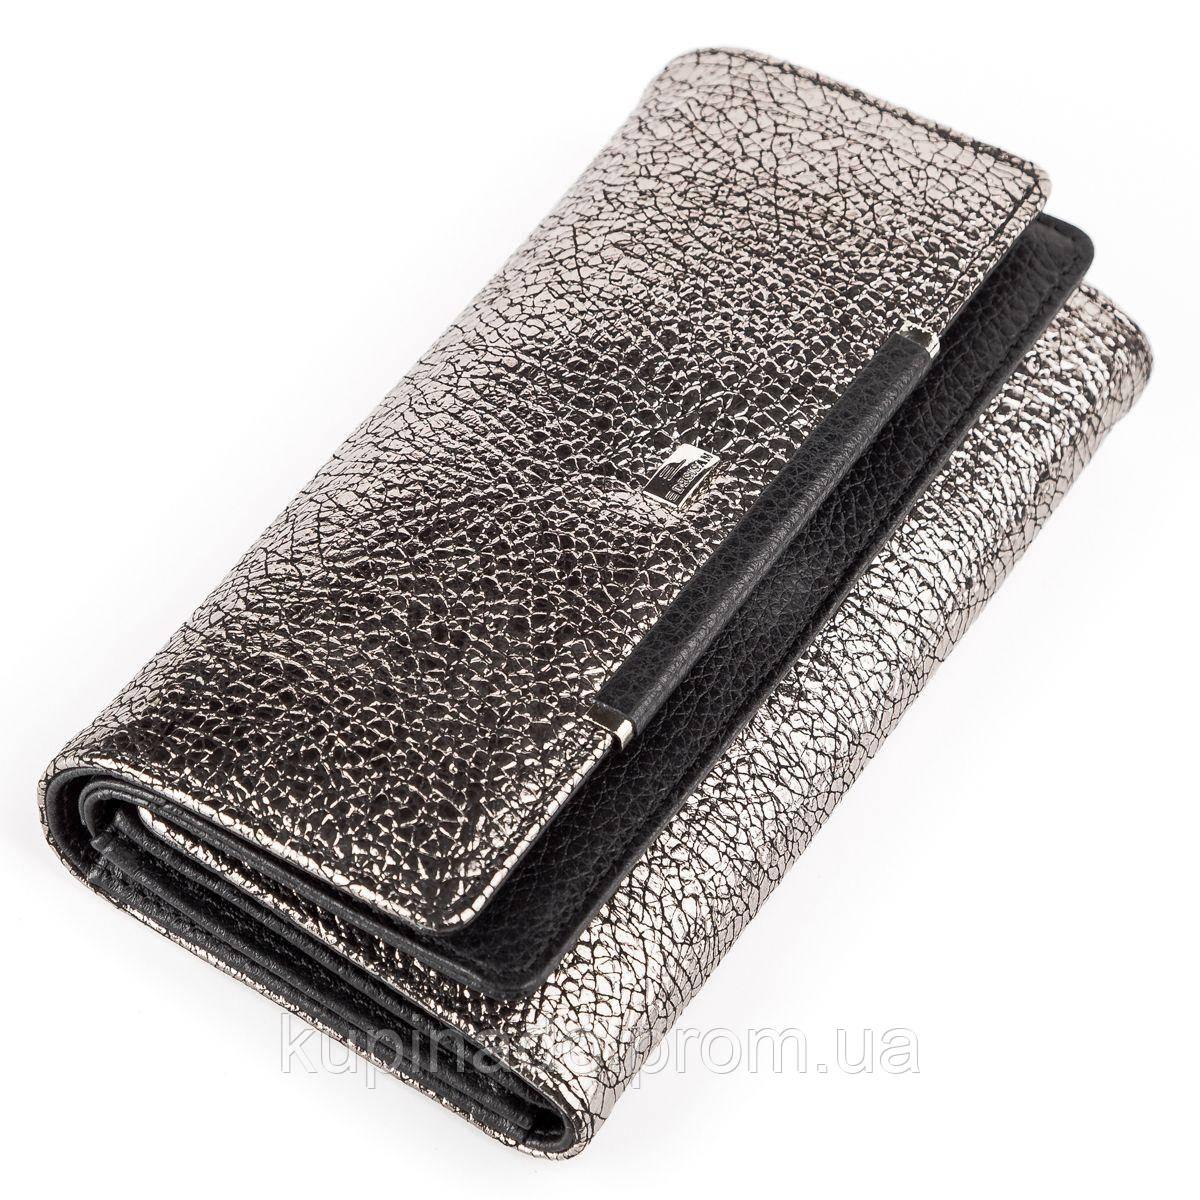 Женский кошелек Desisan 17059 кожаный Серебристый, Серый